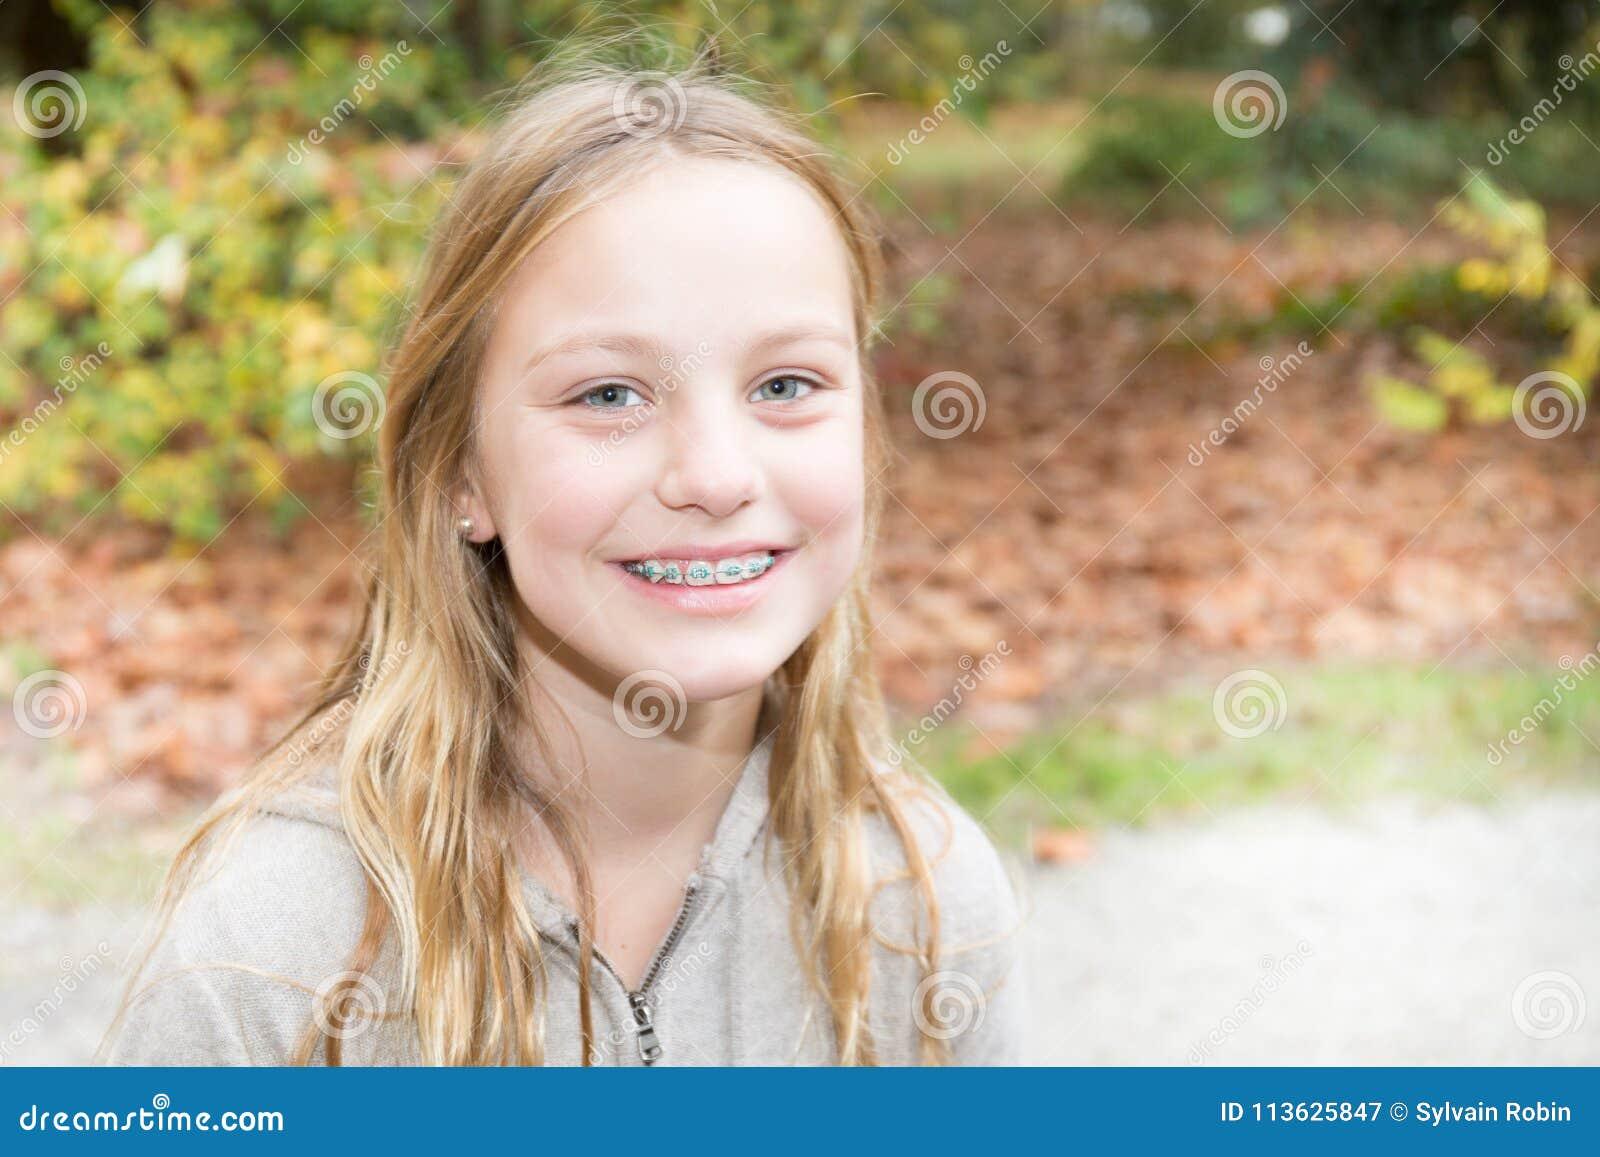 Braces Teeth Teenager Girl Outdoor Smiling Beauty Cute Teen